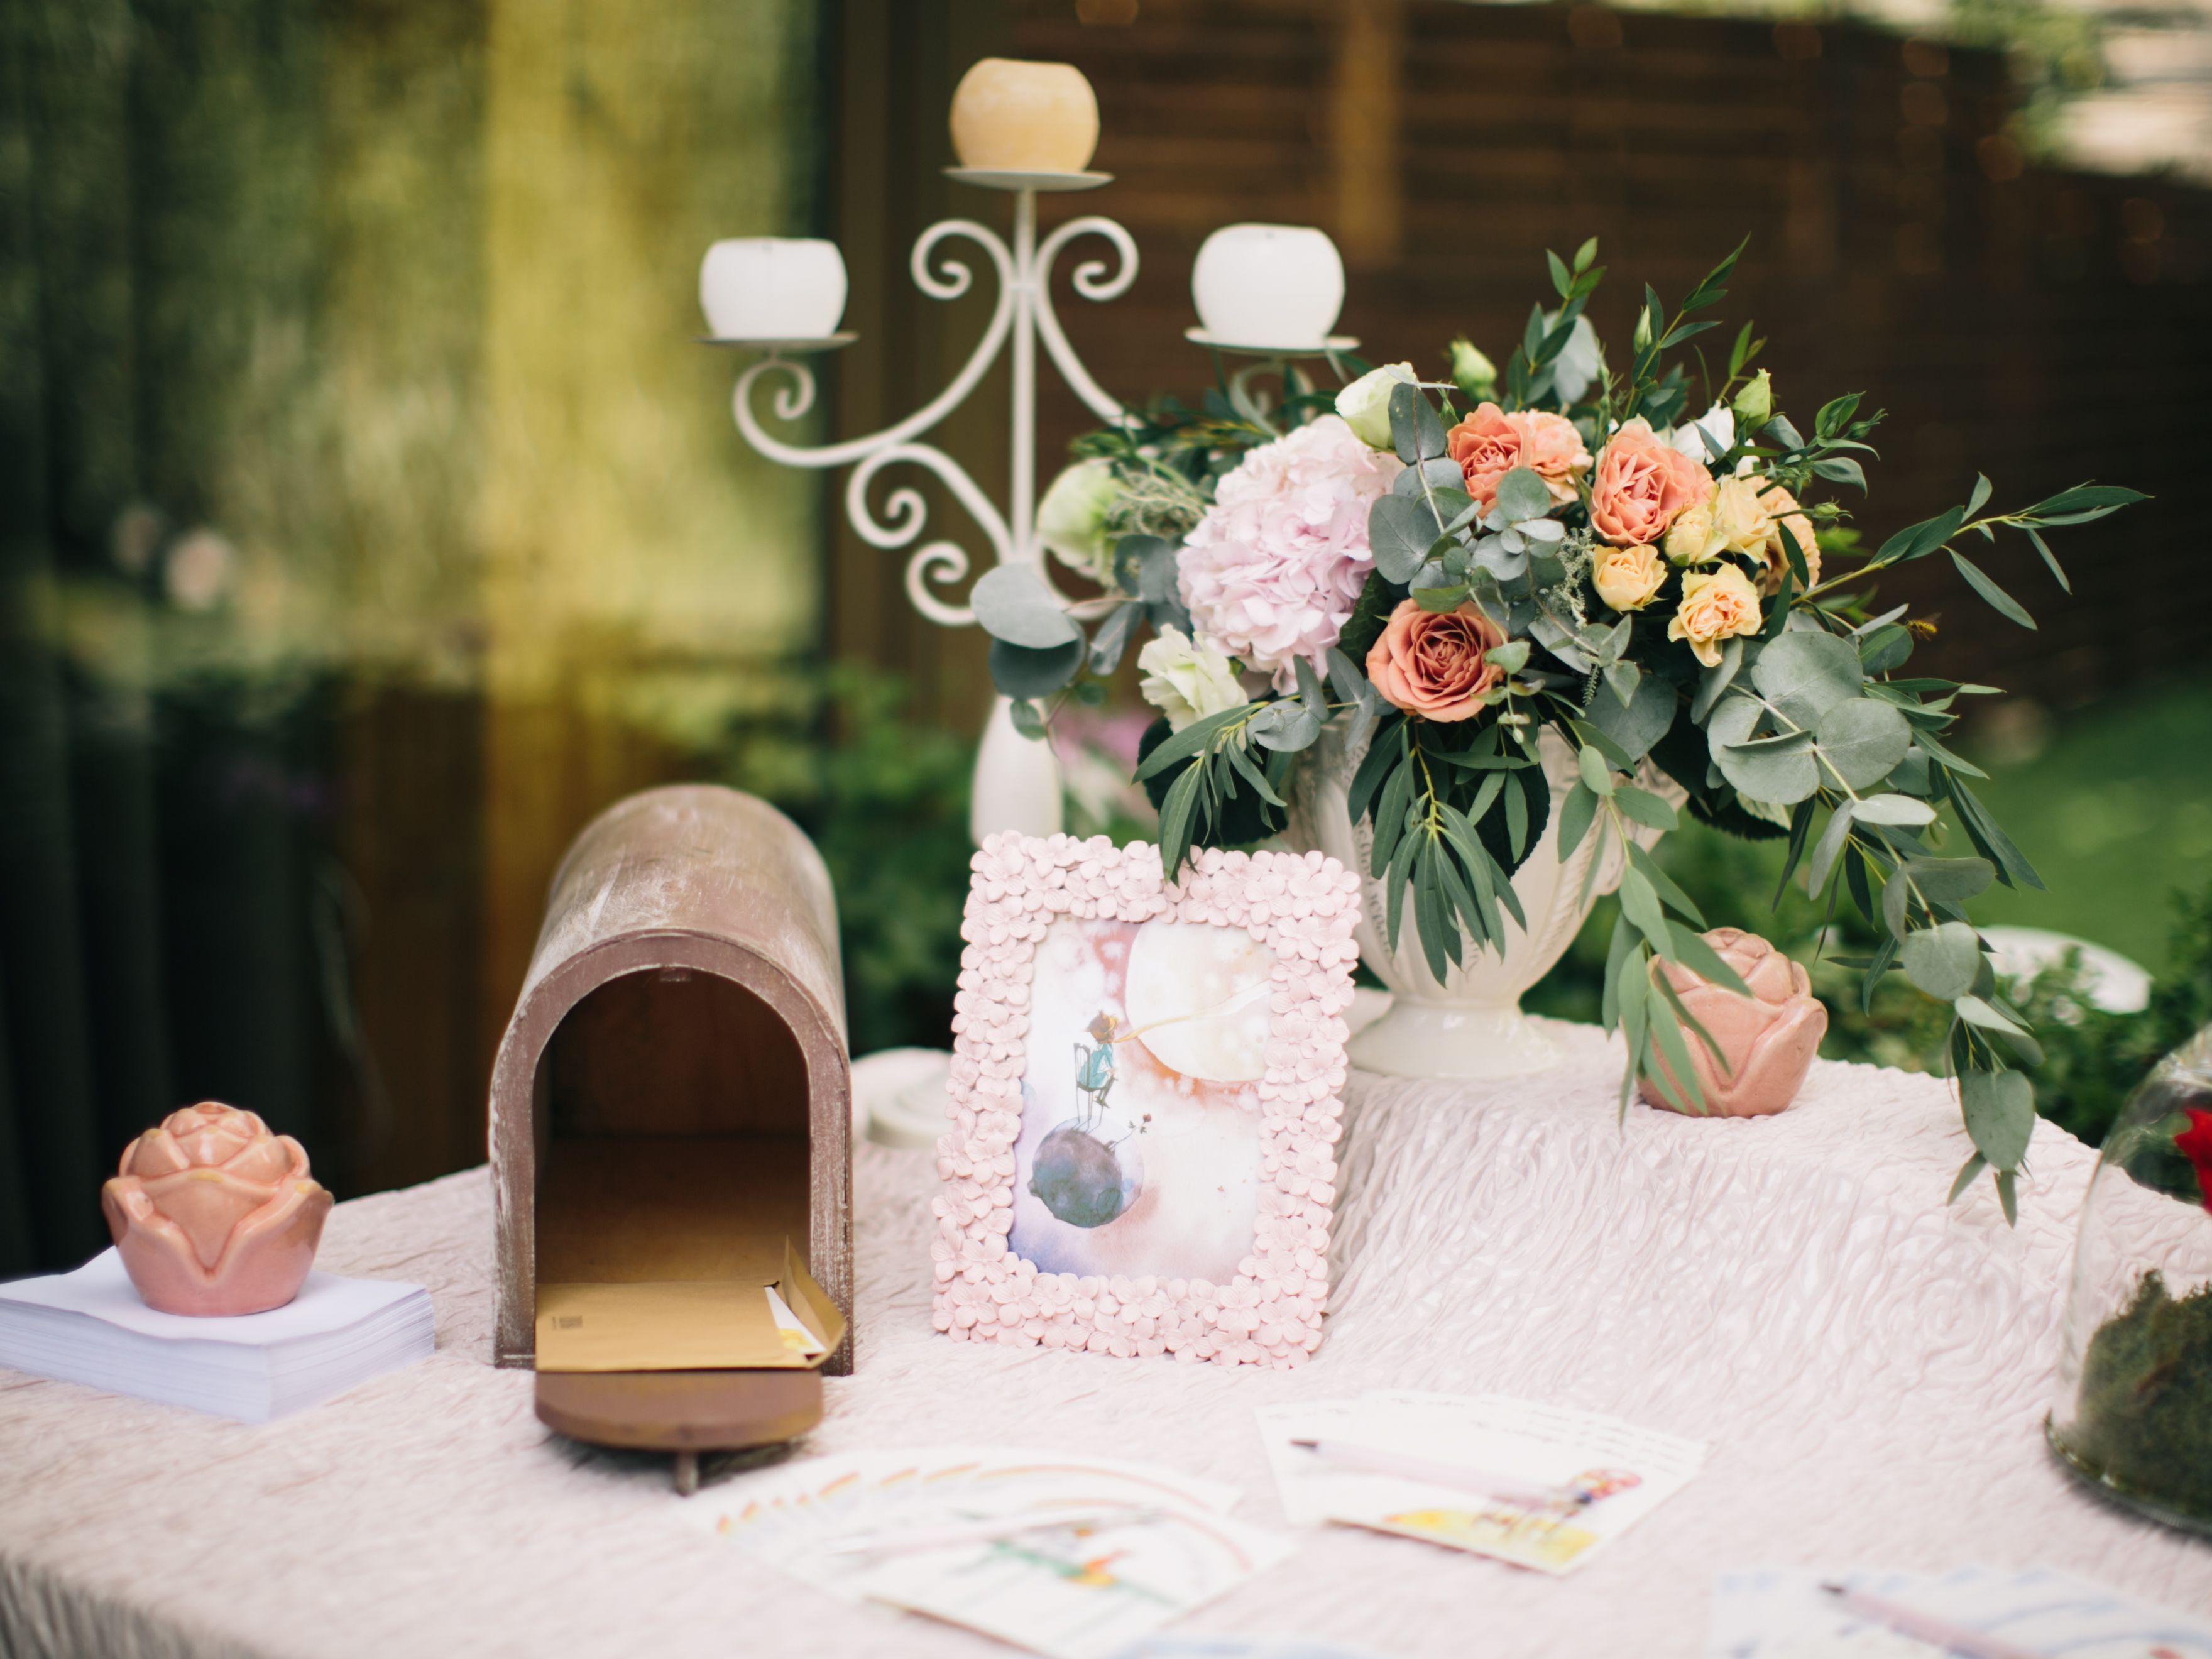 wedding, wedding decor, wedding detail, свадебные мелочи, оформление свадьбы, пожелания гостей